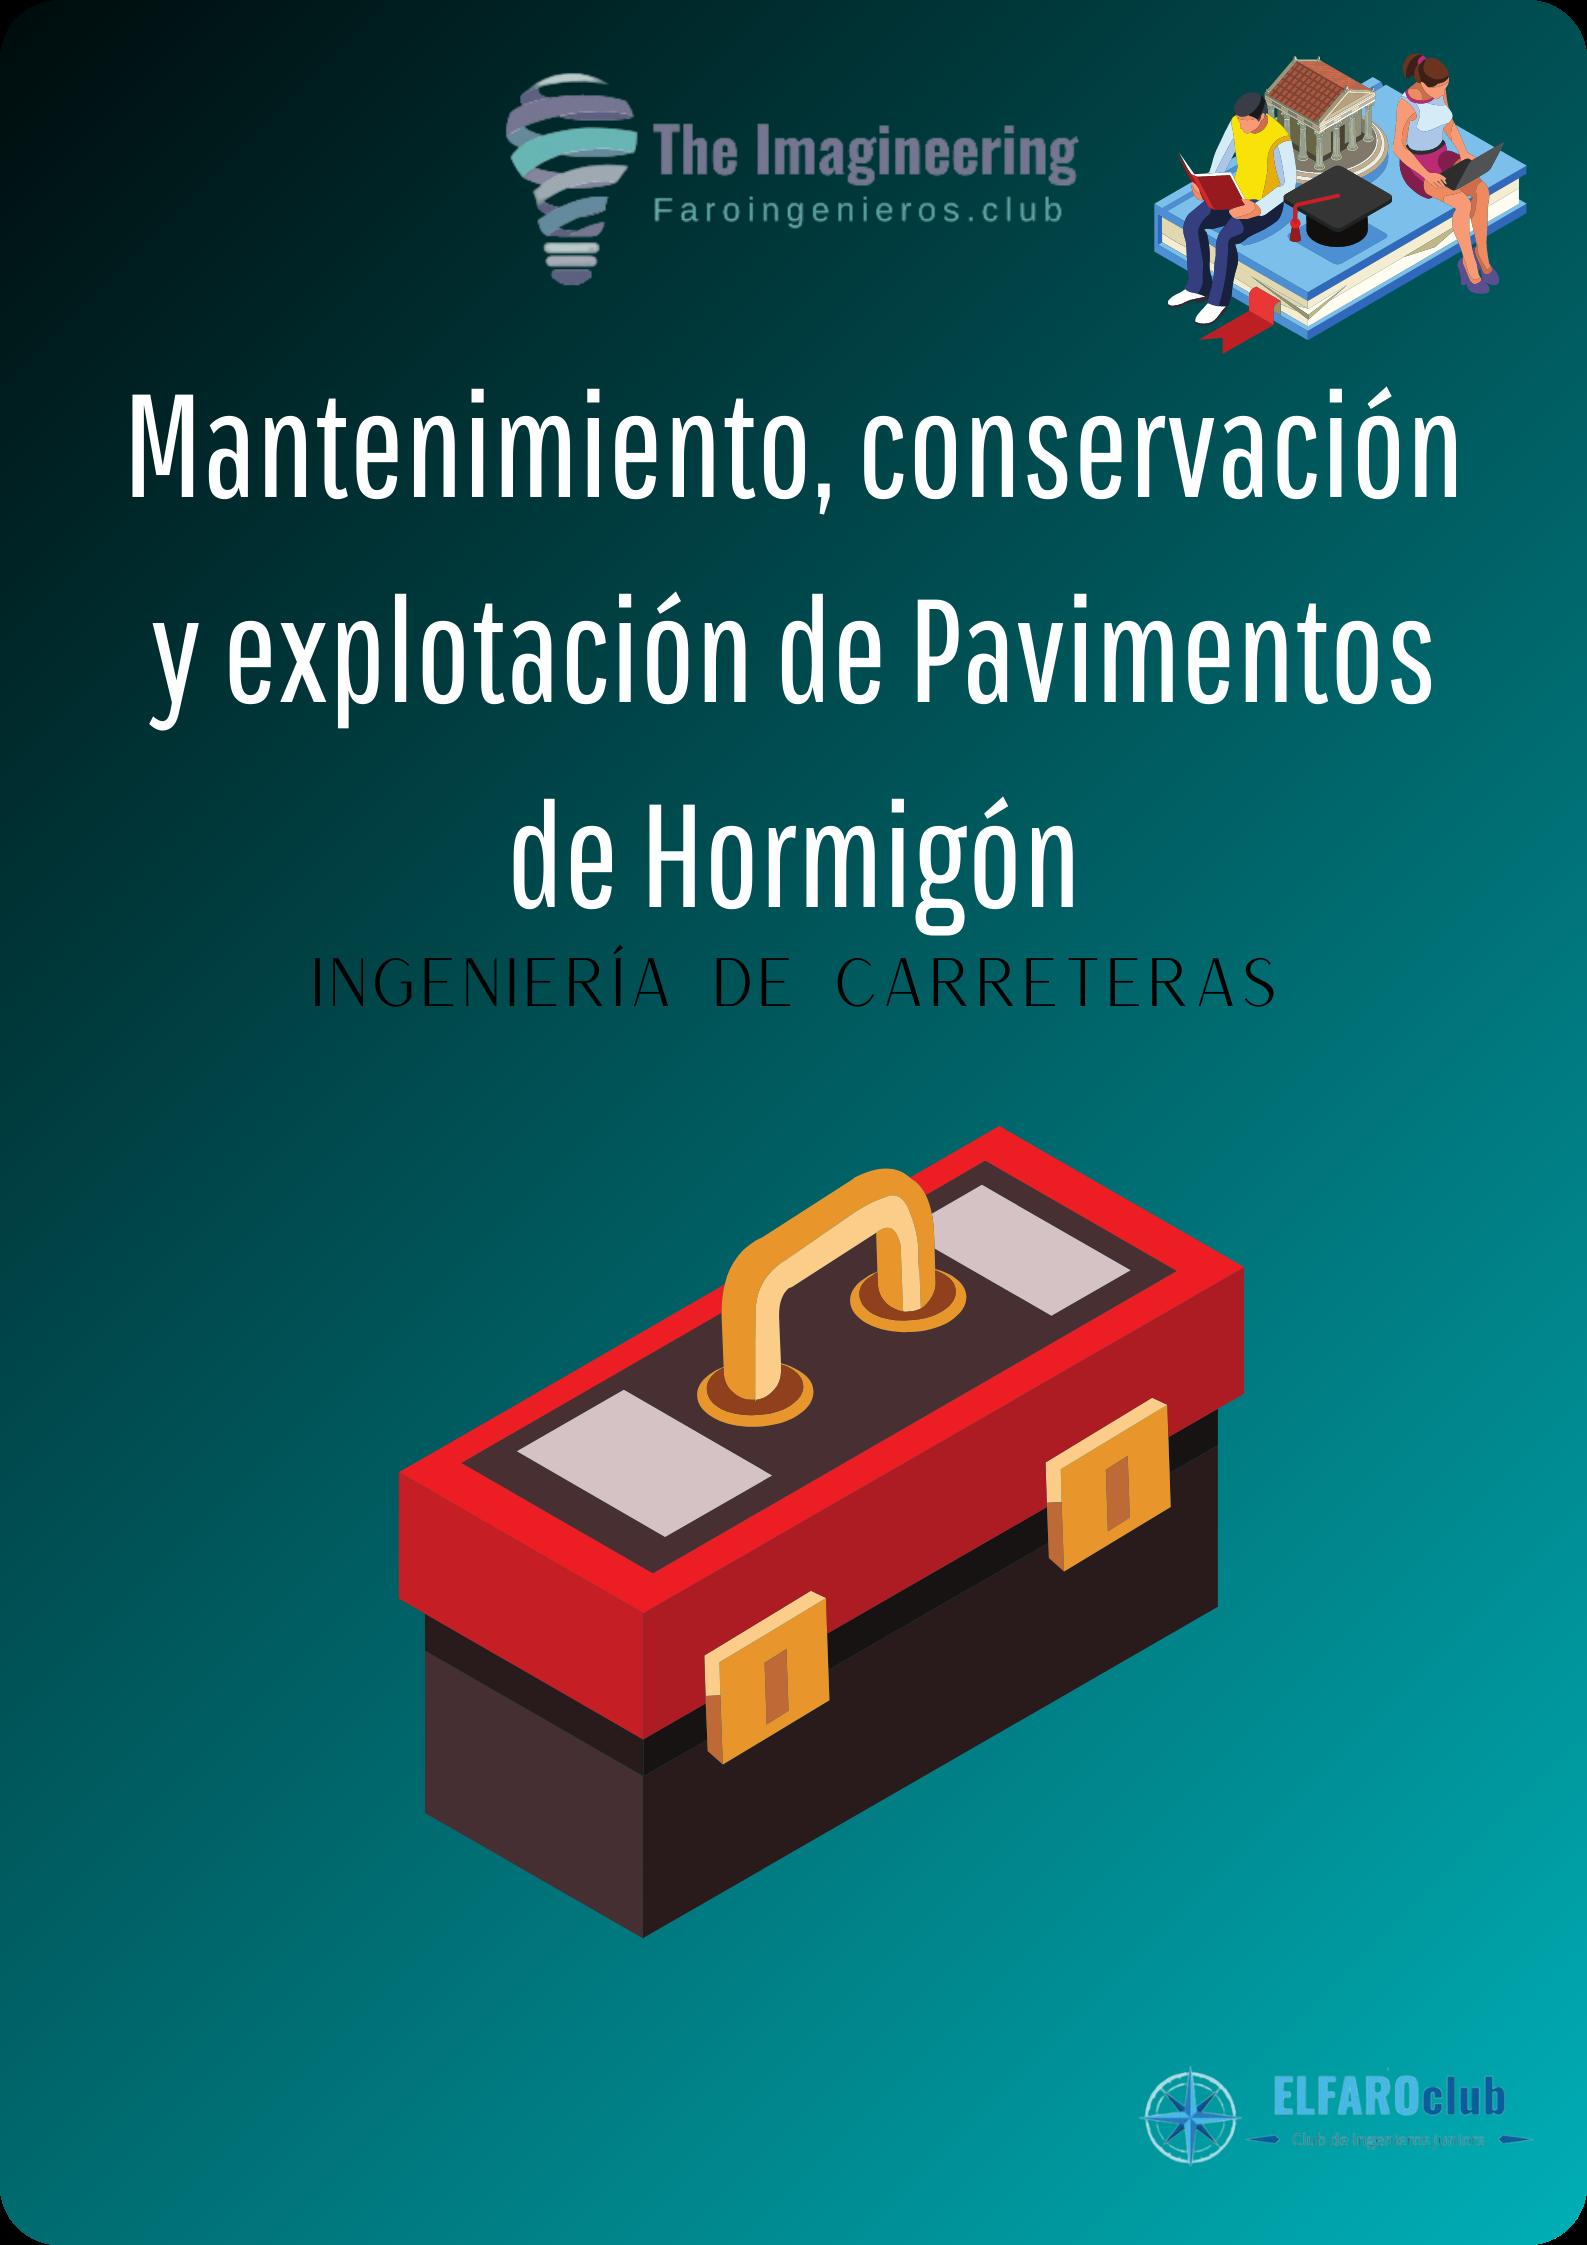 mantenimiento, conservacion